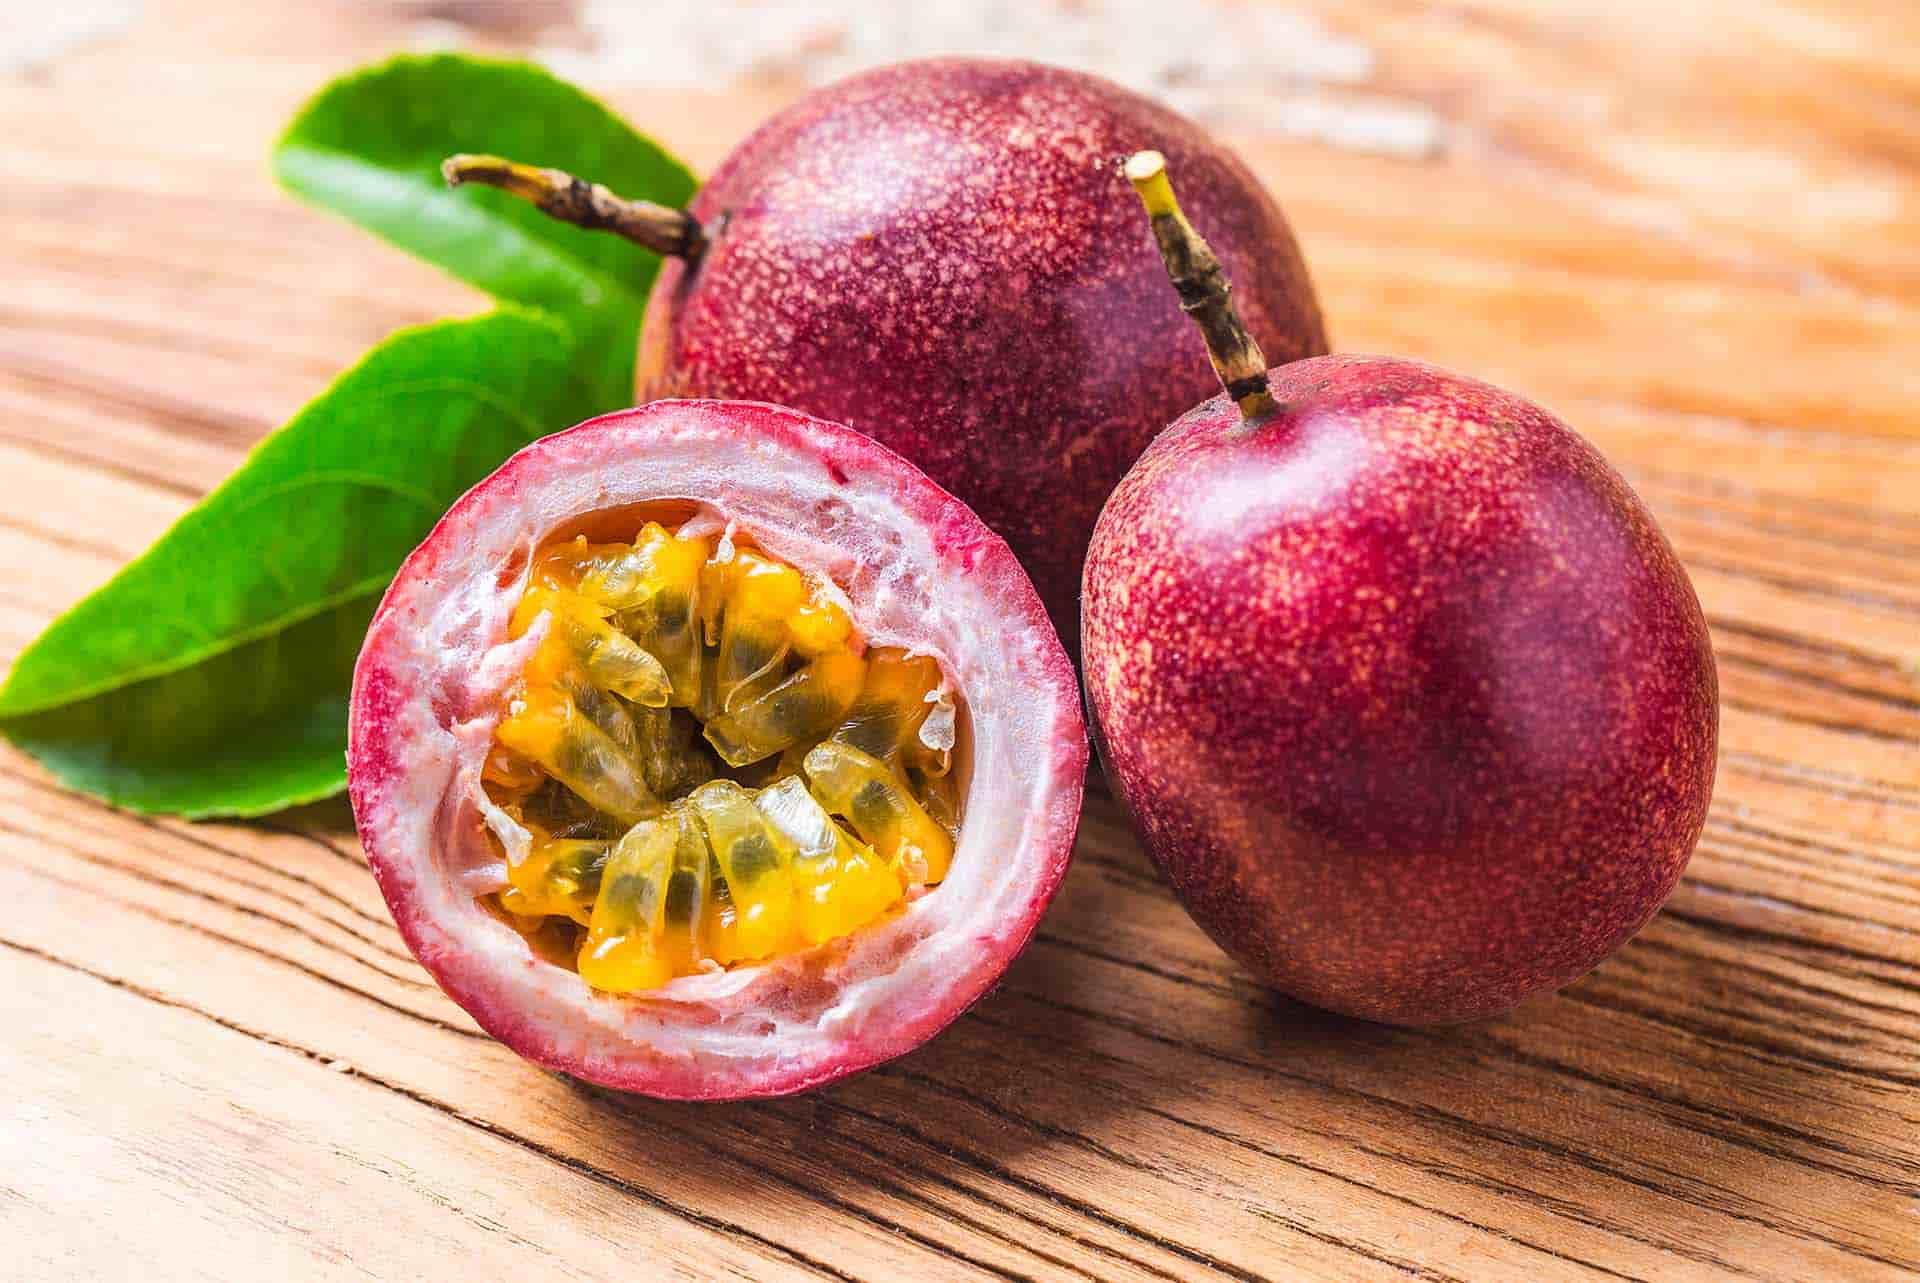 Çarkıfelek Meyvesinin Bilmediğiniz 7 Faydası